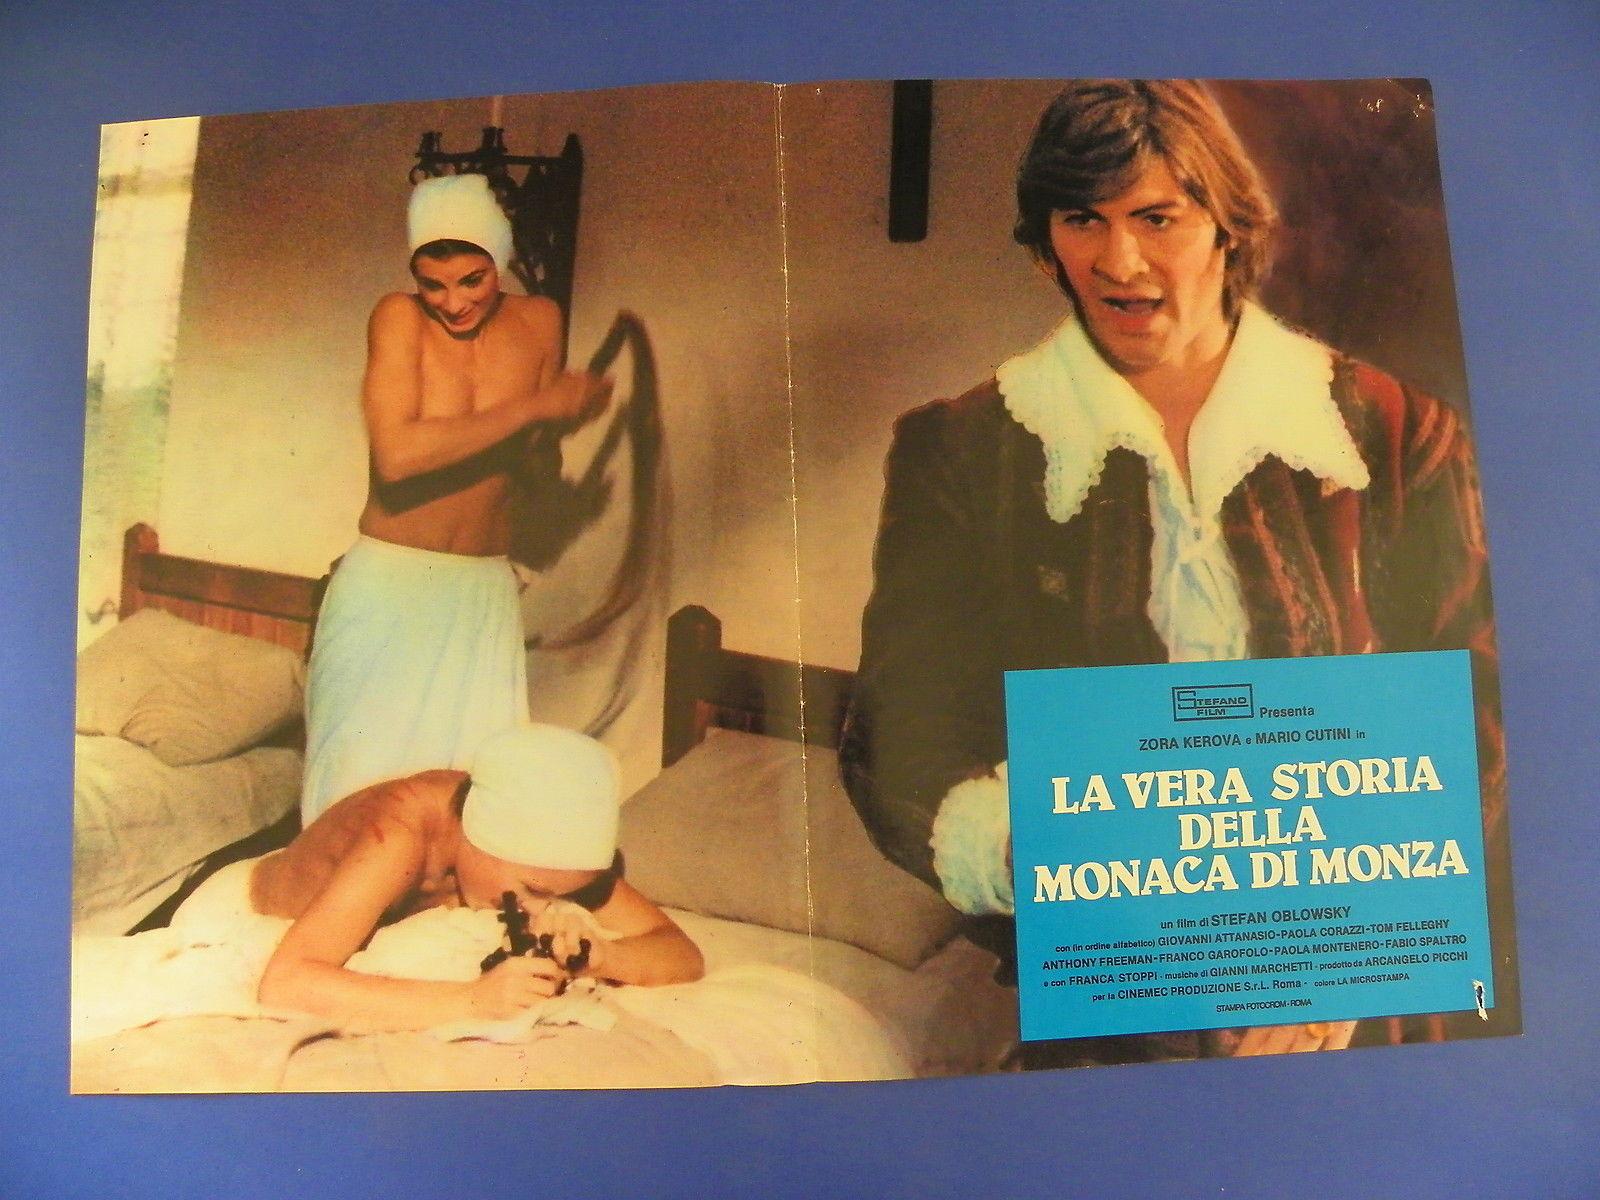 Paola Corazzi and Mario Cutini in La vera storia della monaca di Monza (1980)